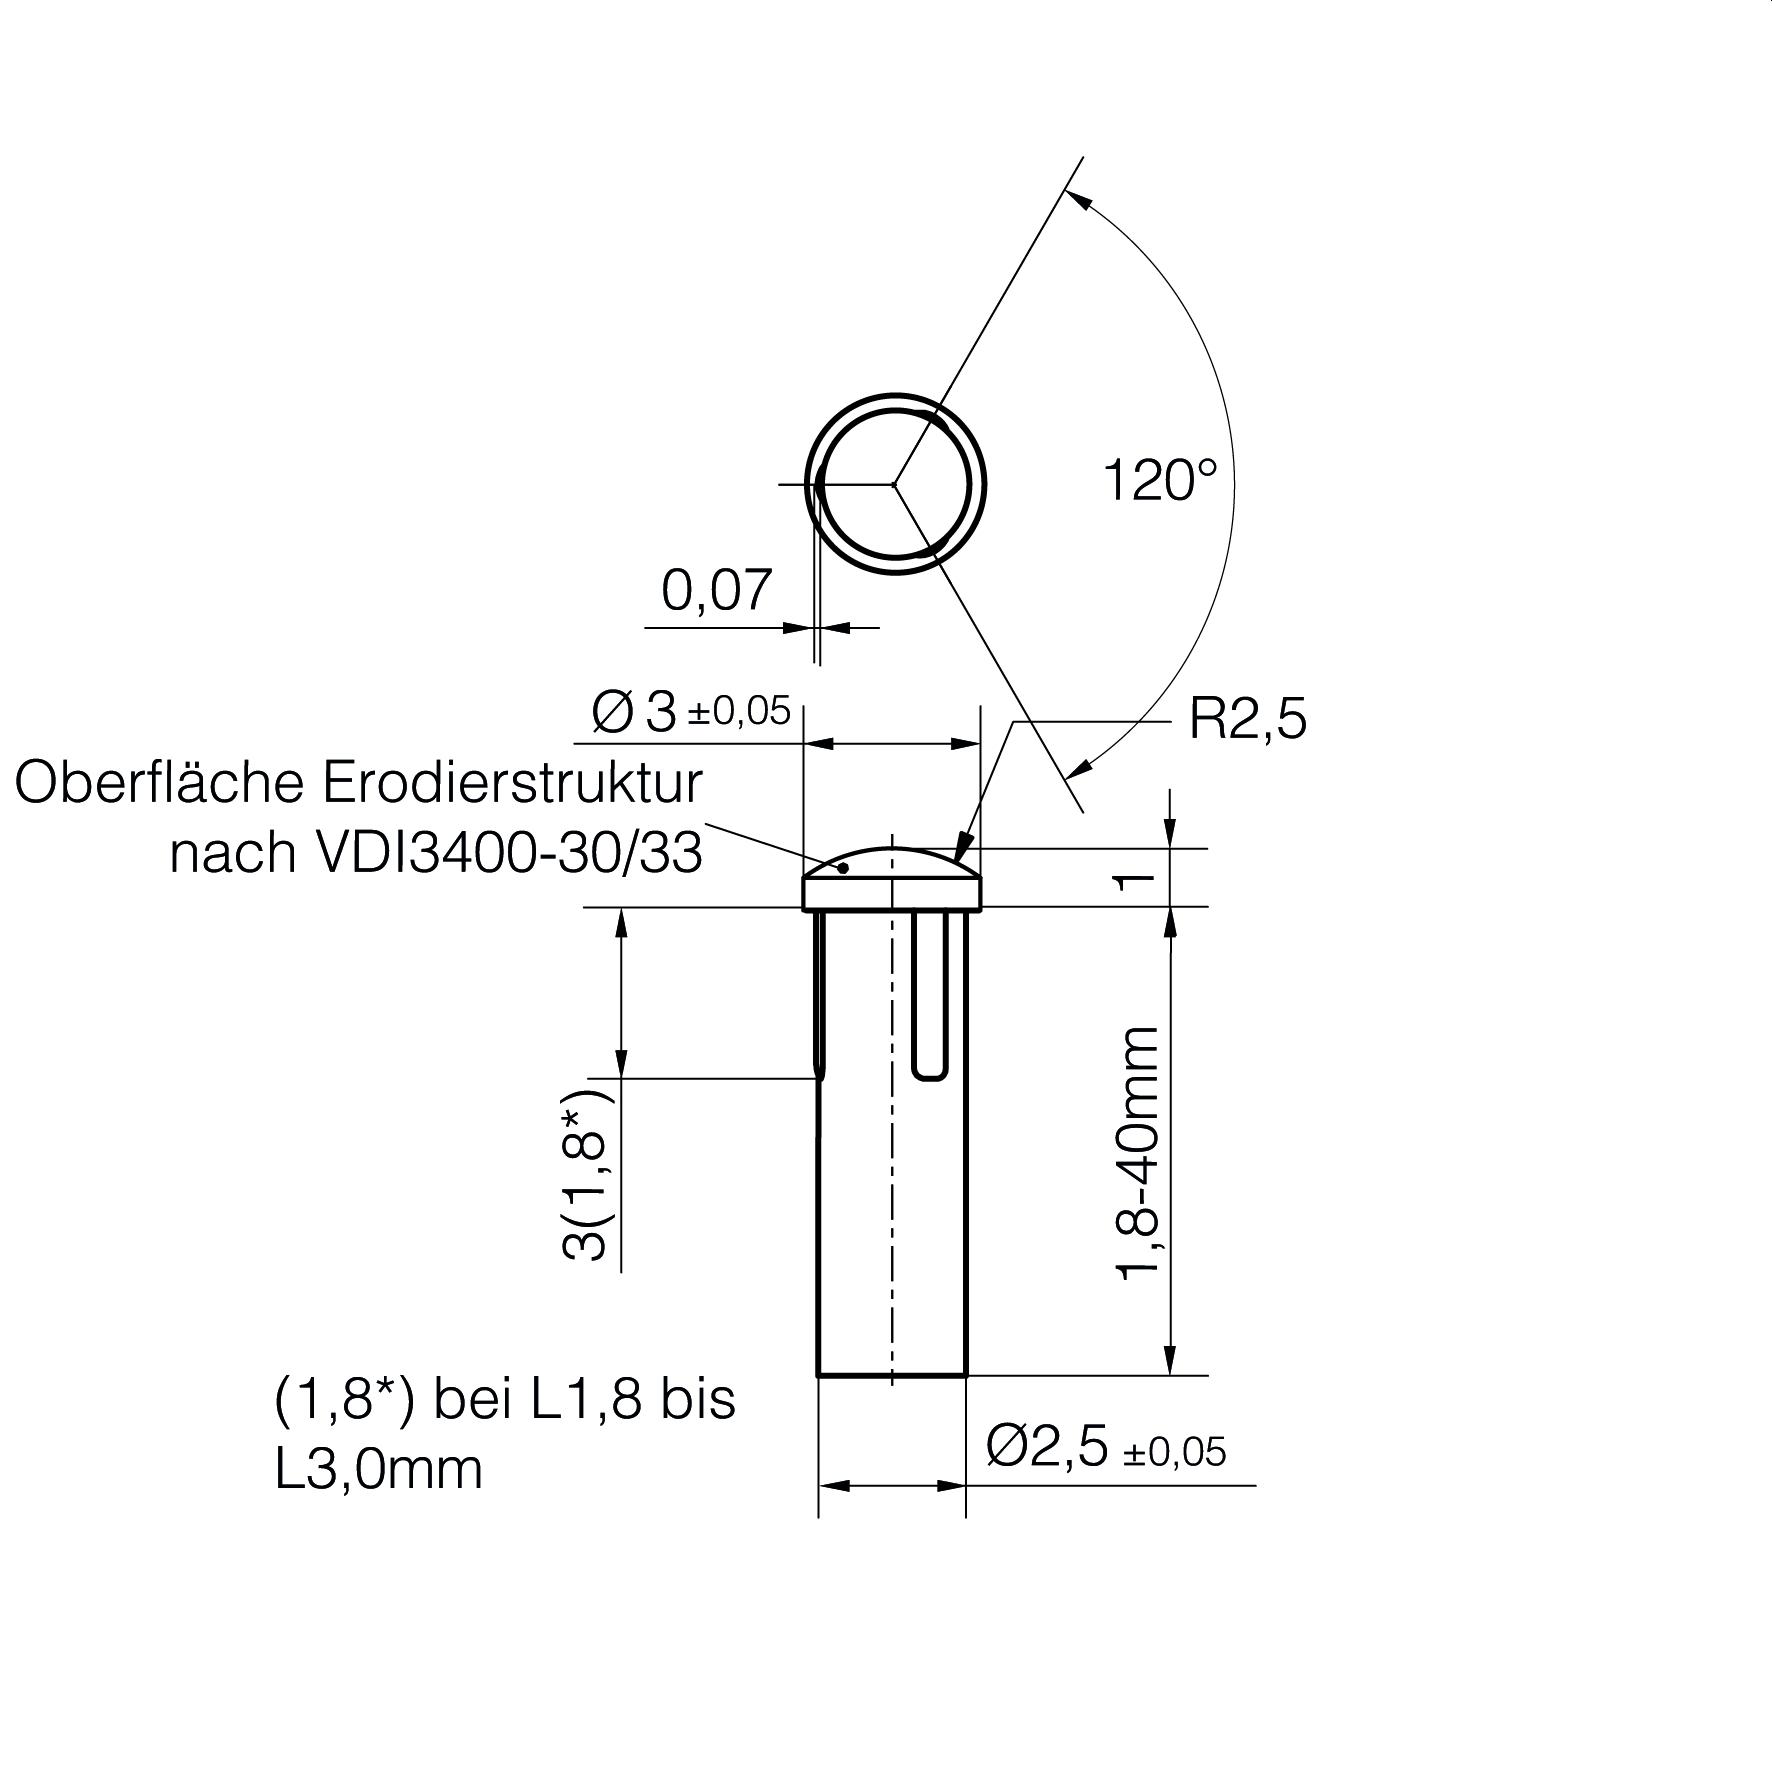 Einzel-Lichtleiter Ø2,5 mm Flammschutz und UV-stabilisiert - plan